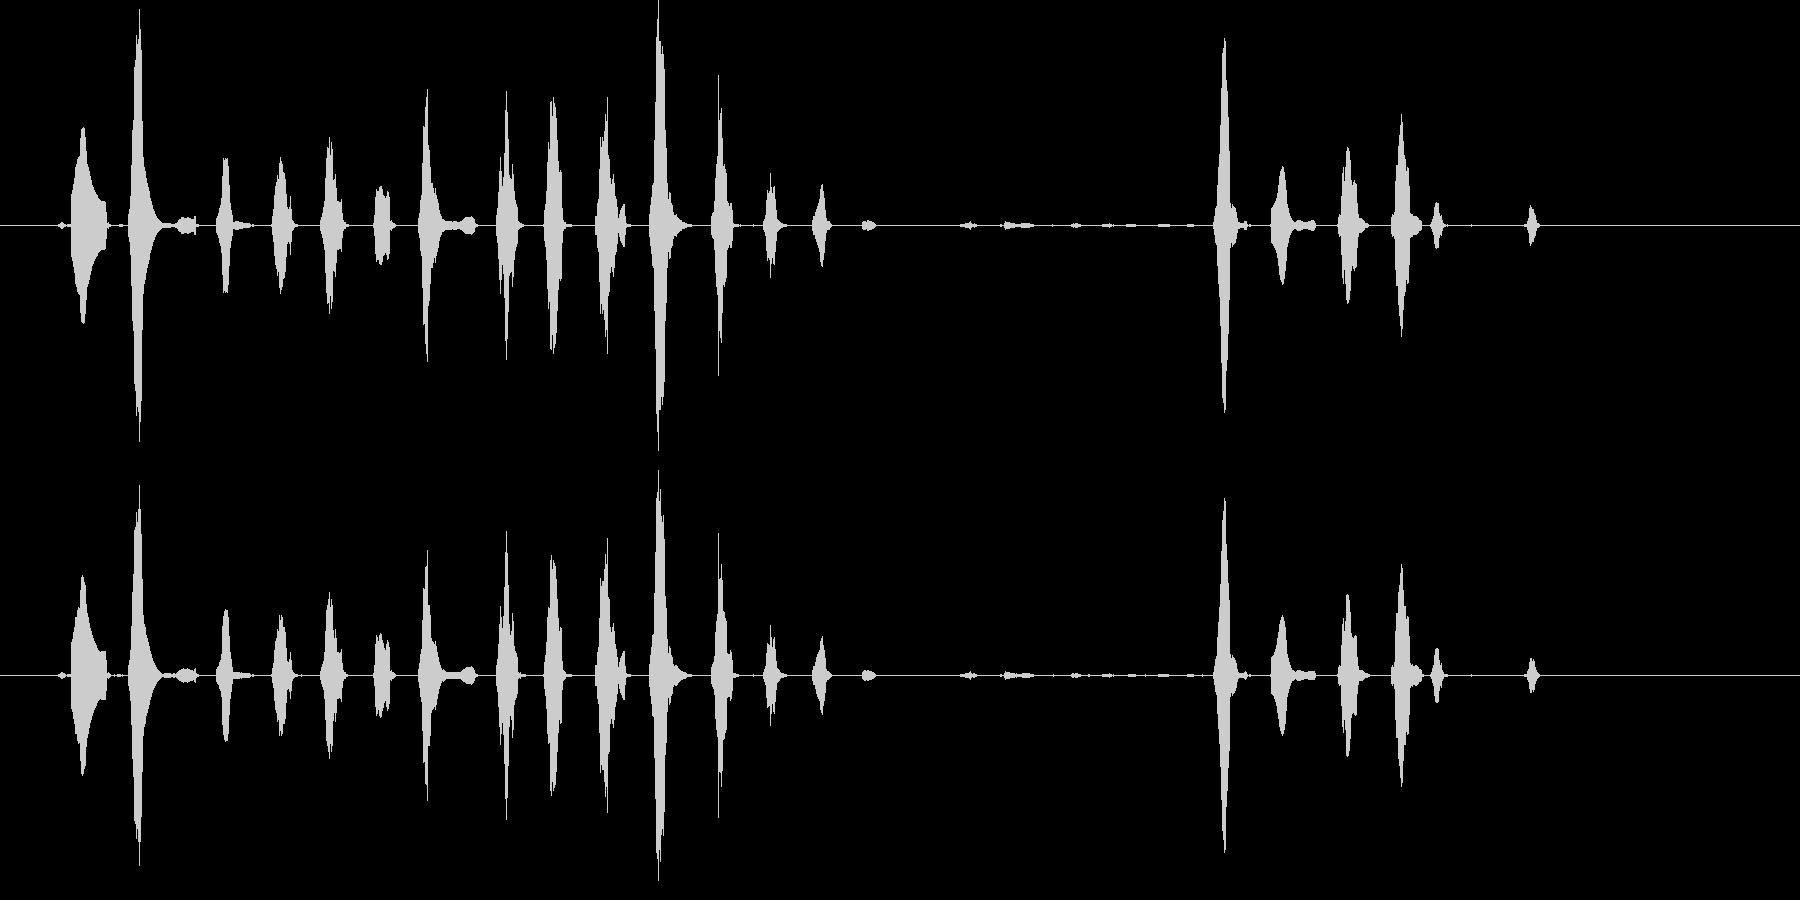 犬、セントバーナード・ウィネス。高...の未再生の波形